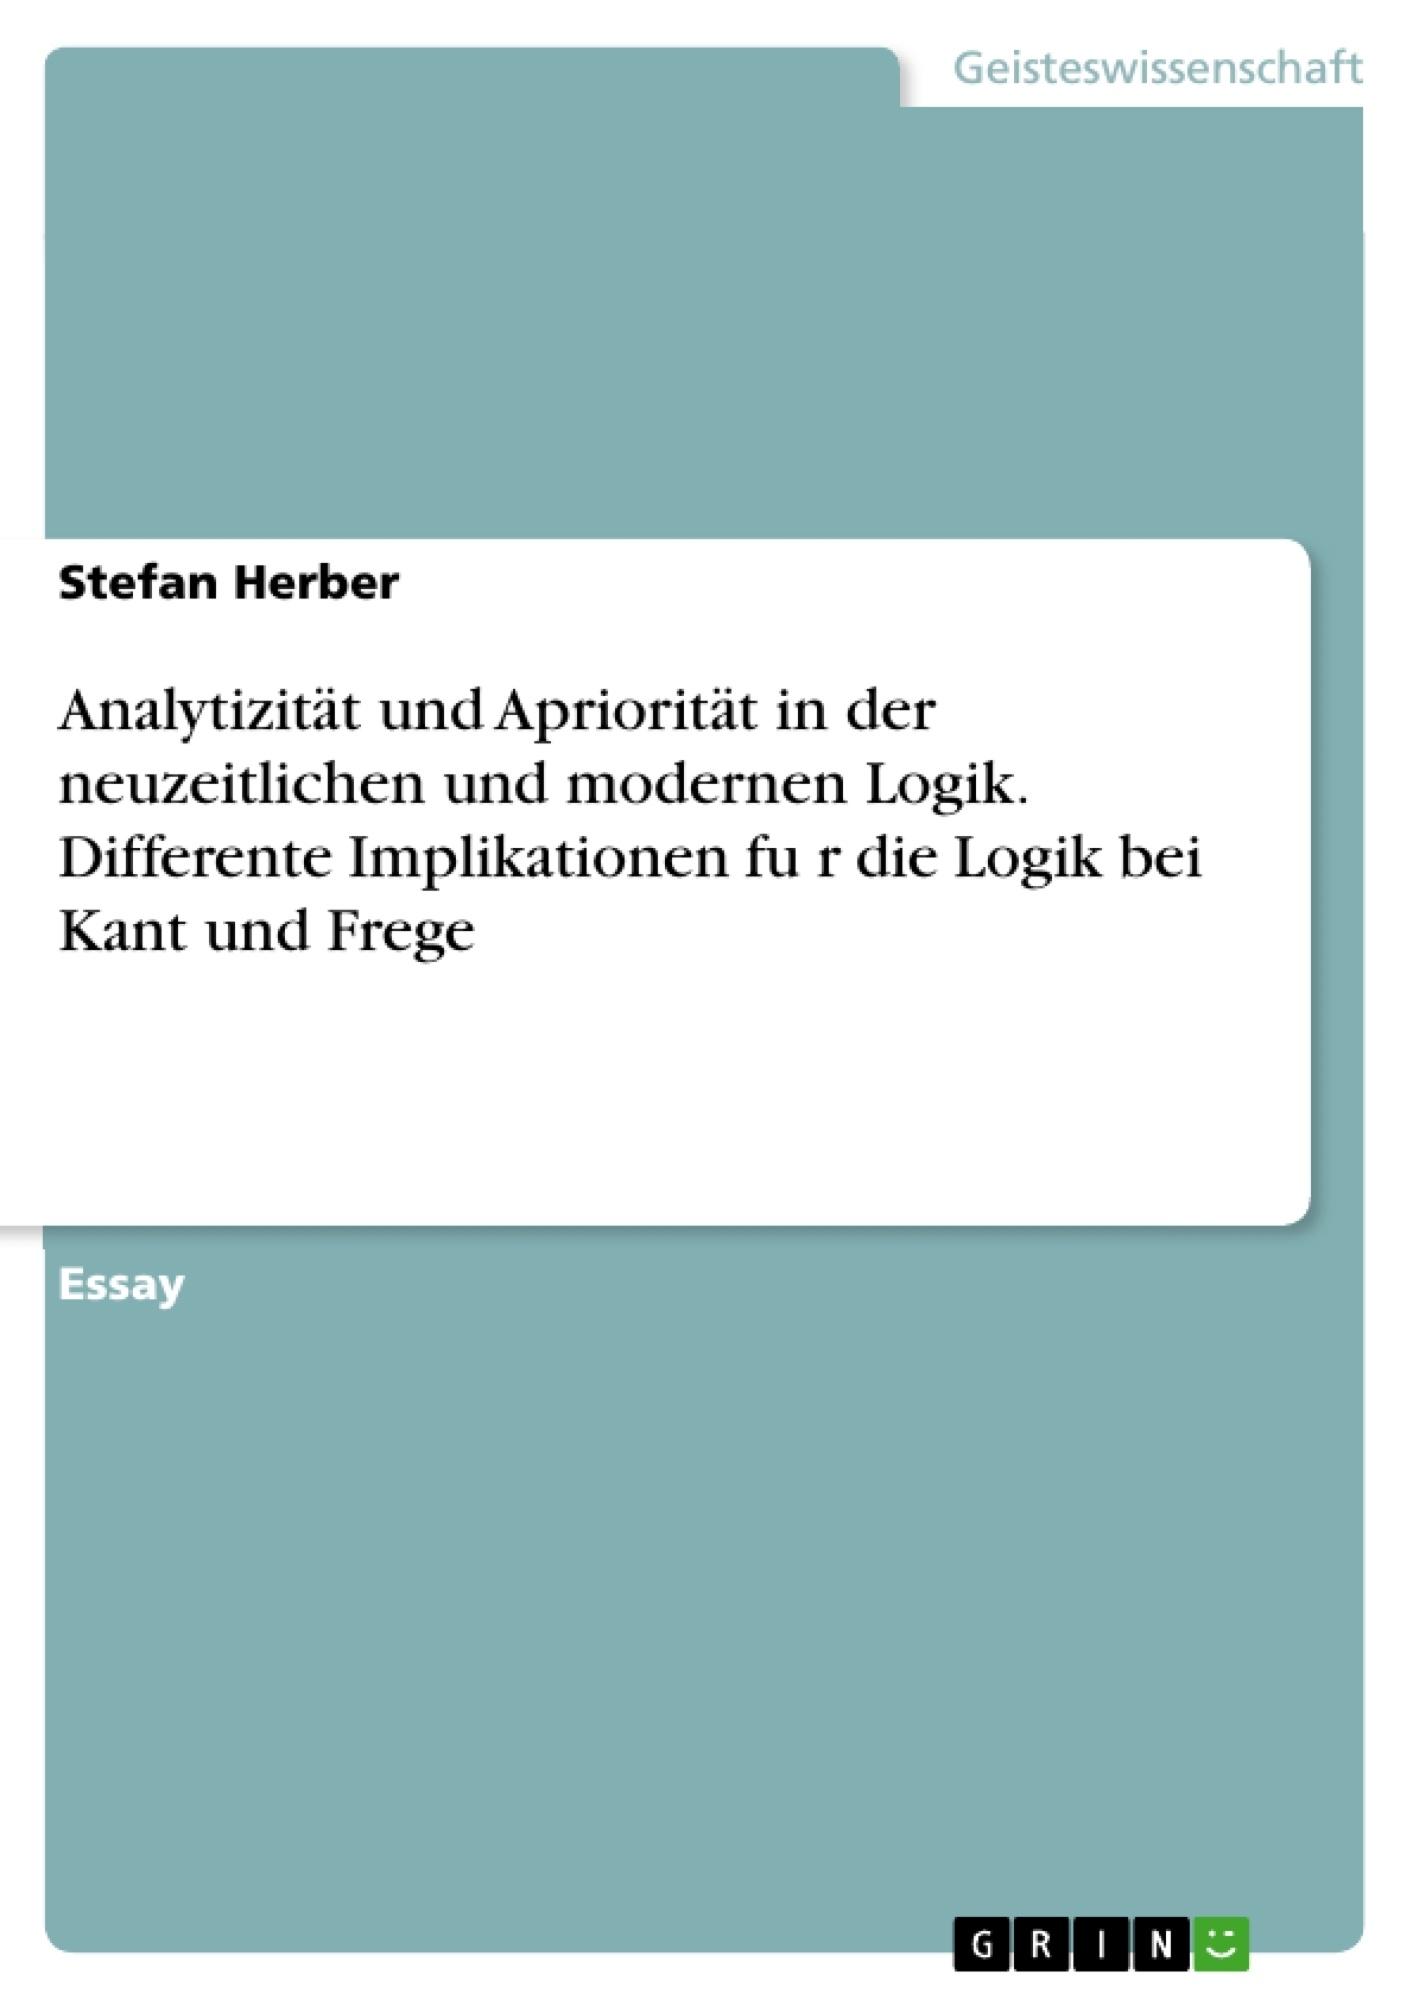 Titel: Analytizität und Apriorität in der neuzeitlichen und modernen Logik. Differente Implikationen für die Logik bei Kant und Frege